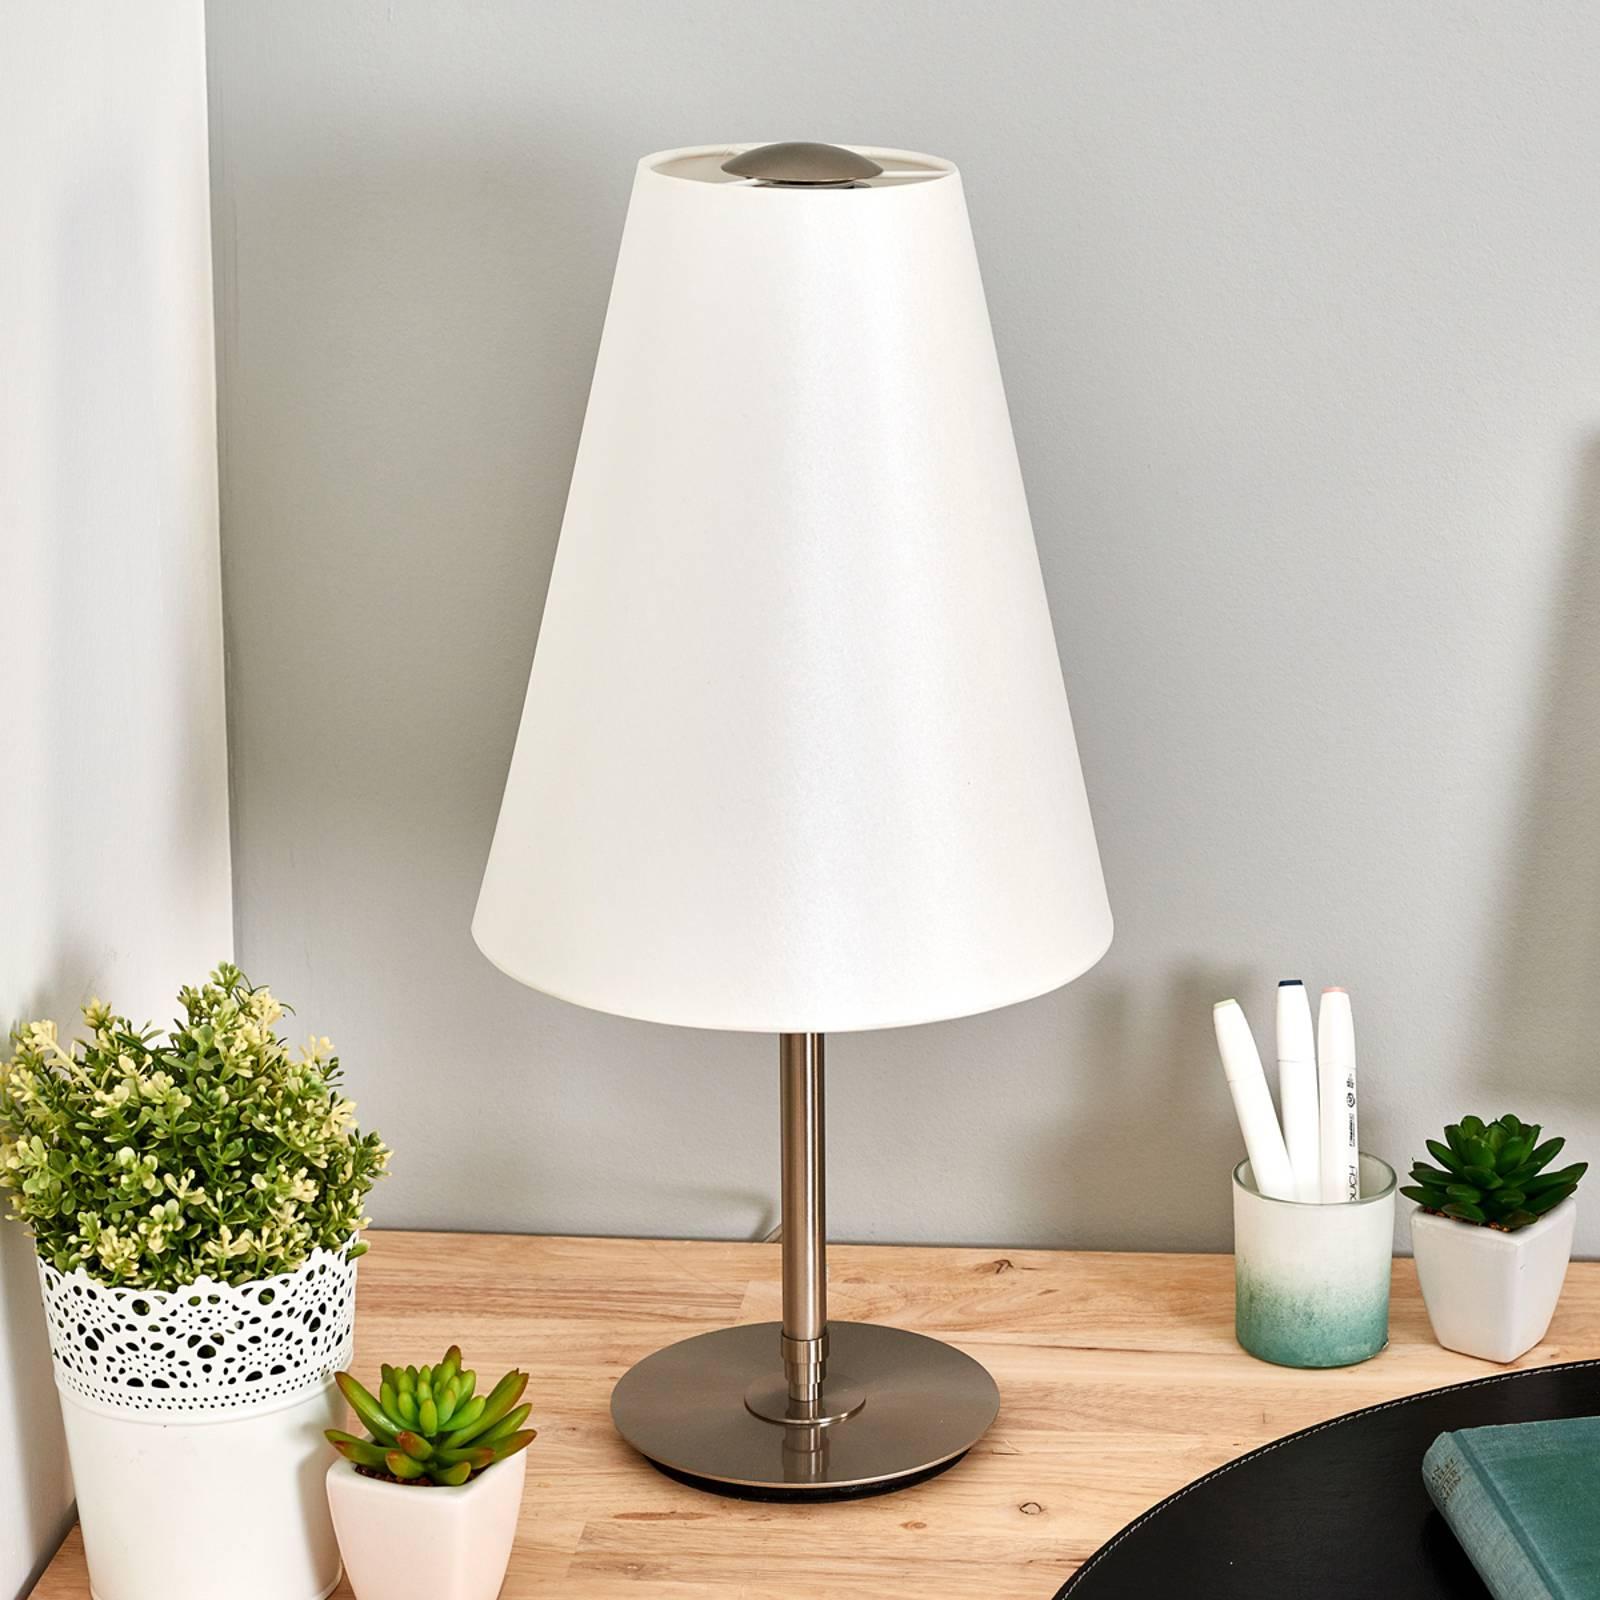 Pöytälamppu Clemo, 60 cm, harjattu nikkeli